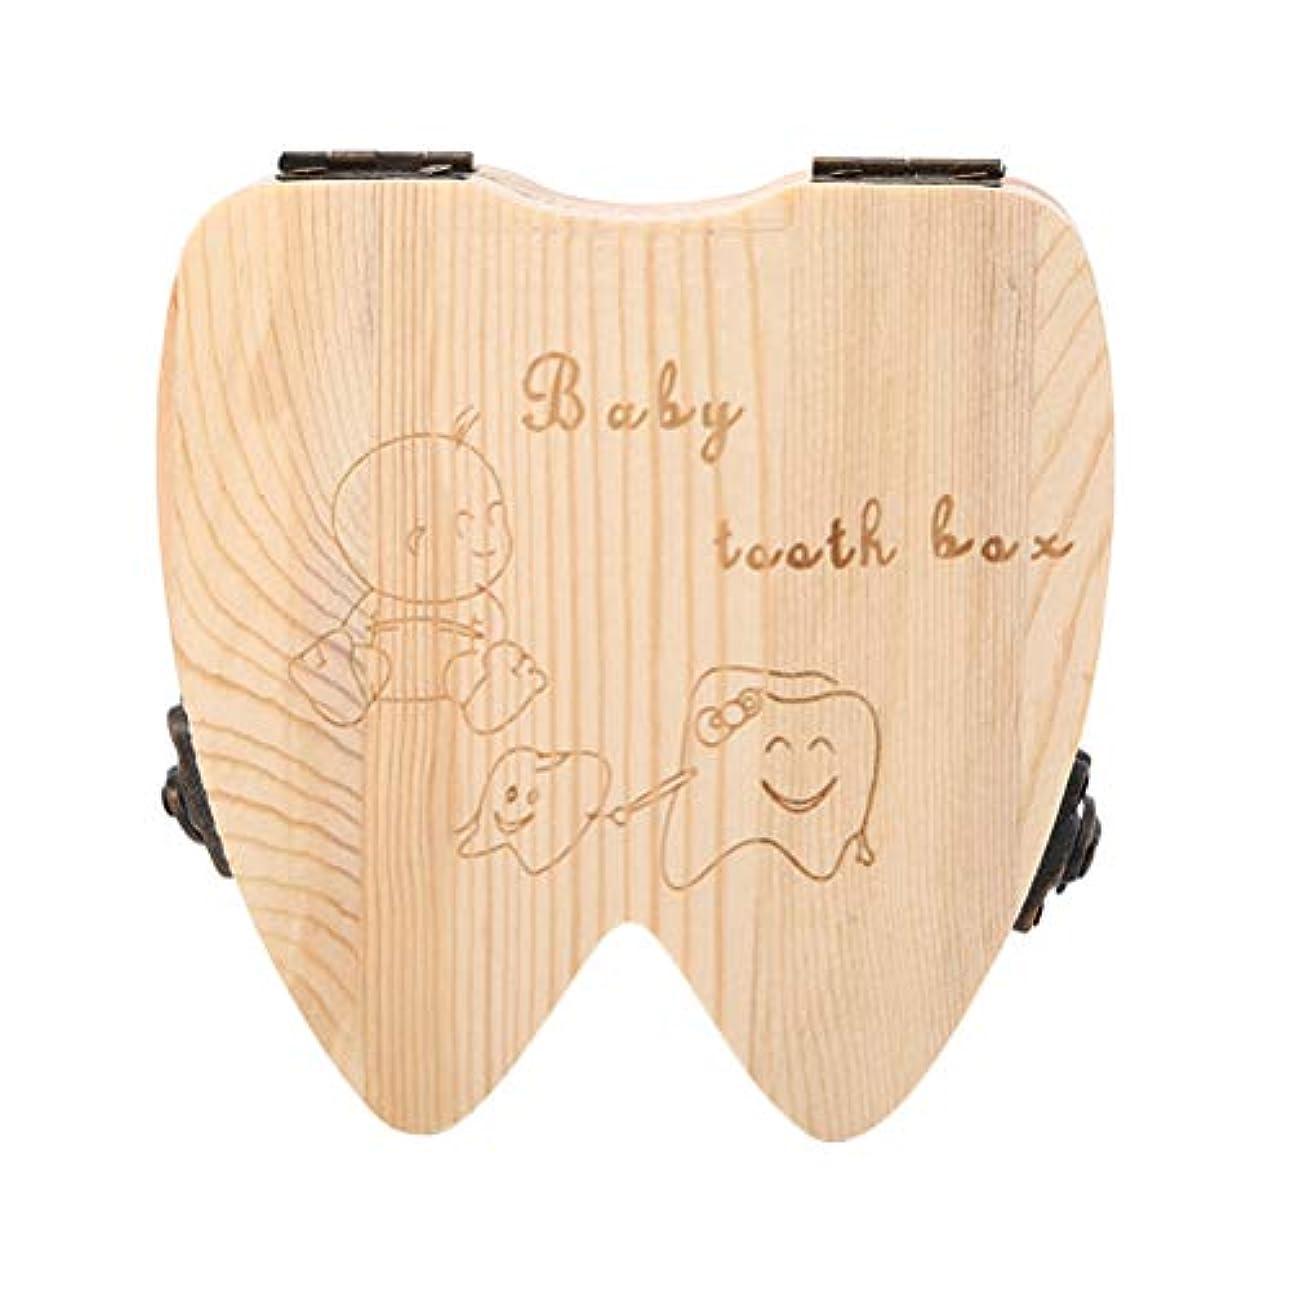 十デッドロック推進Vosarea 歯の形の木の記念品の保存箱のコレクションのホールダーが付いている木の子供箱の歯